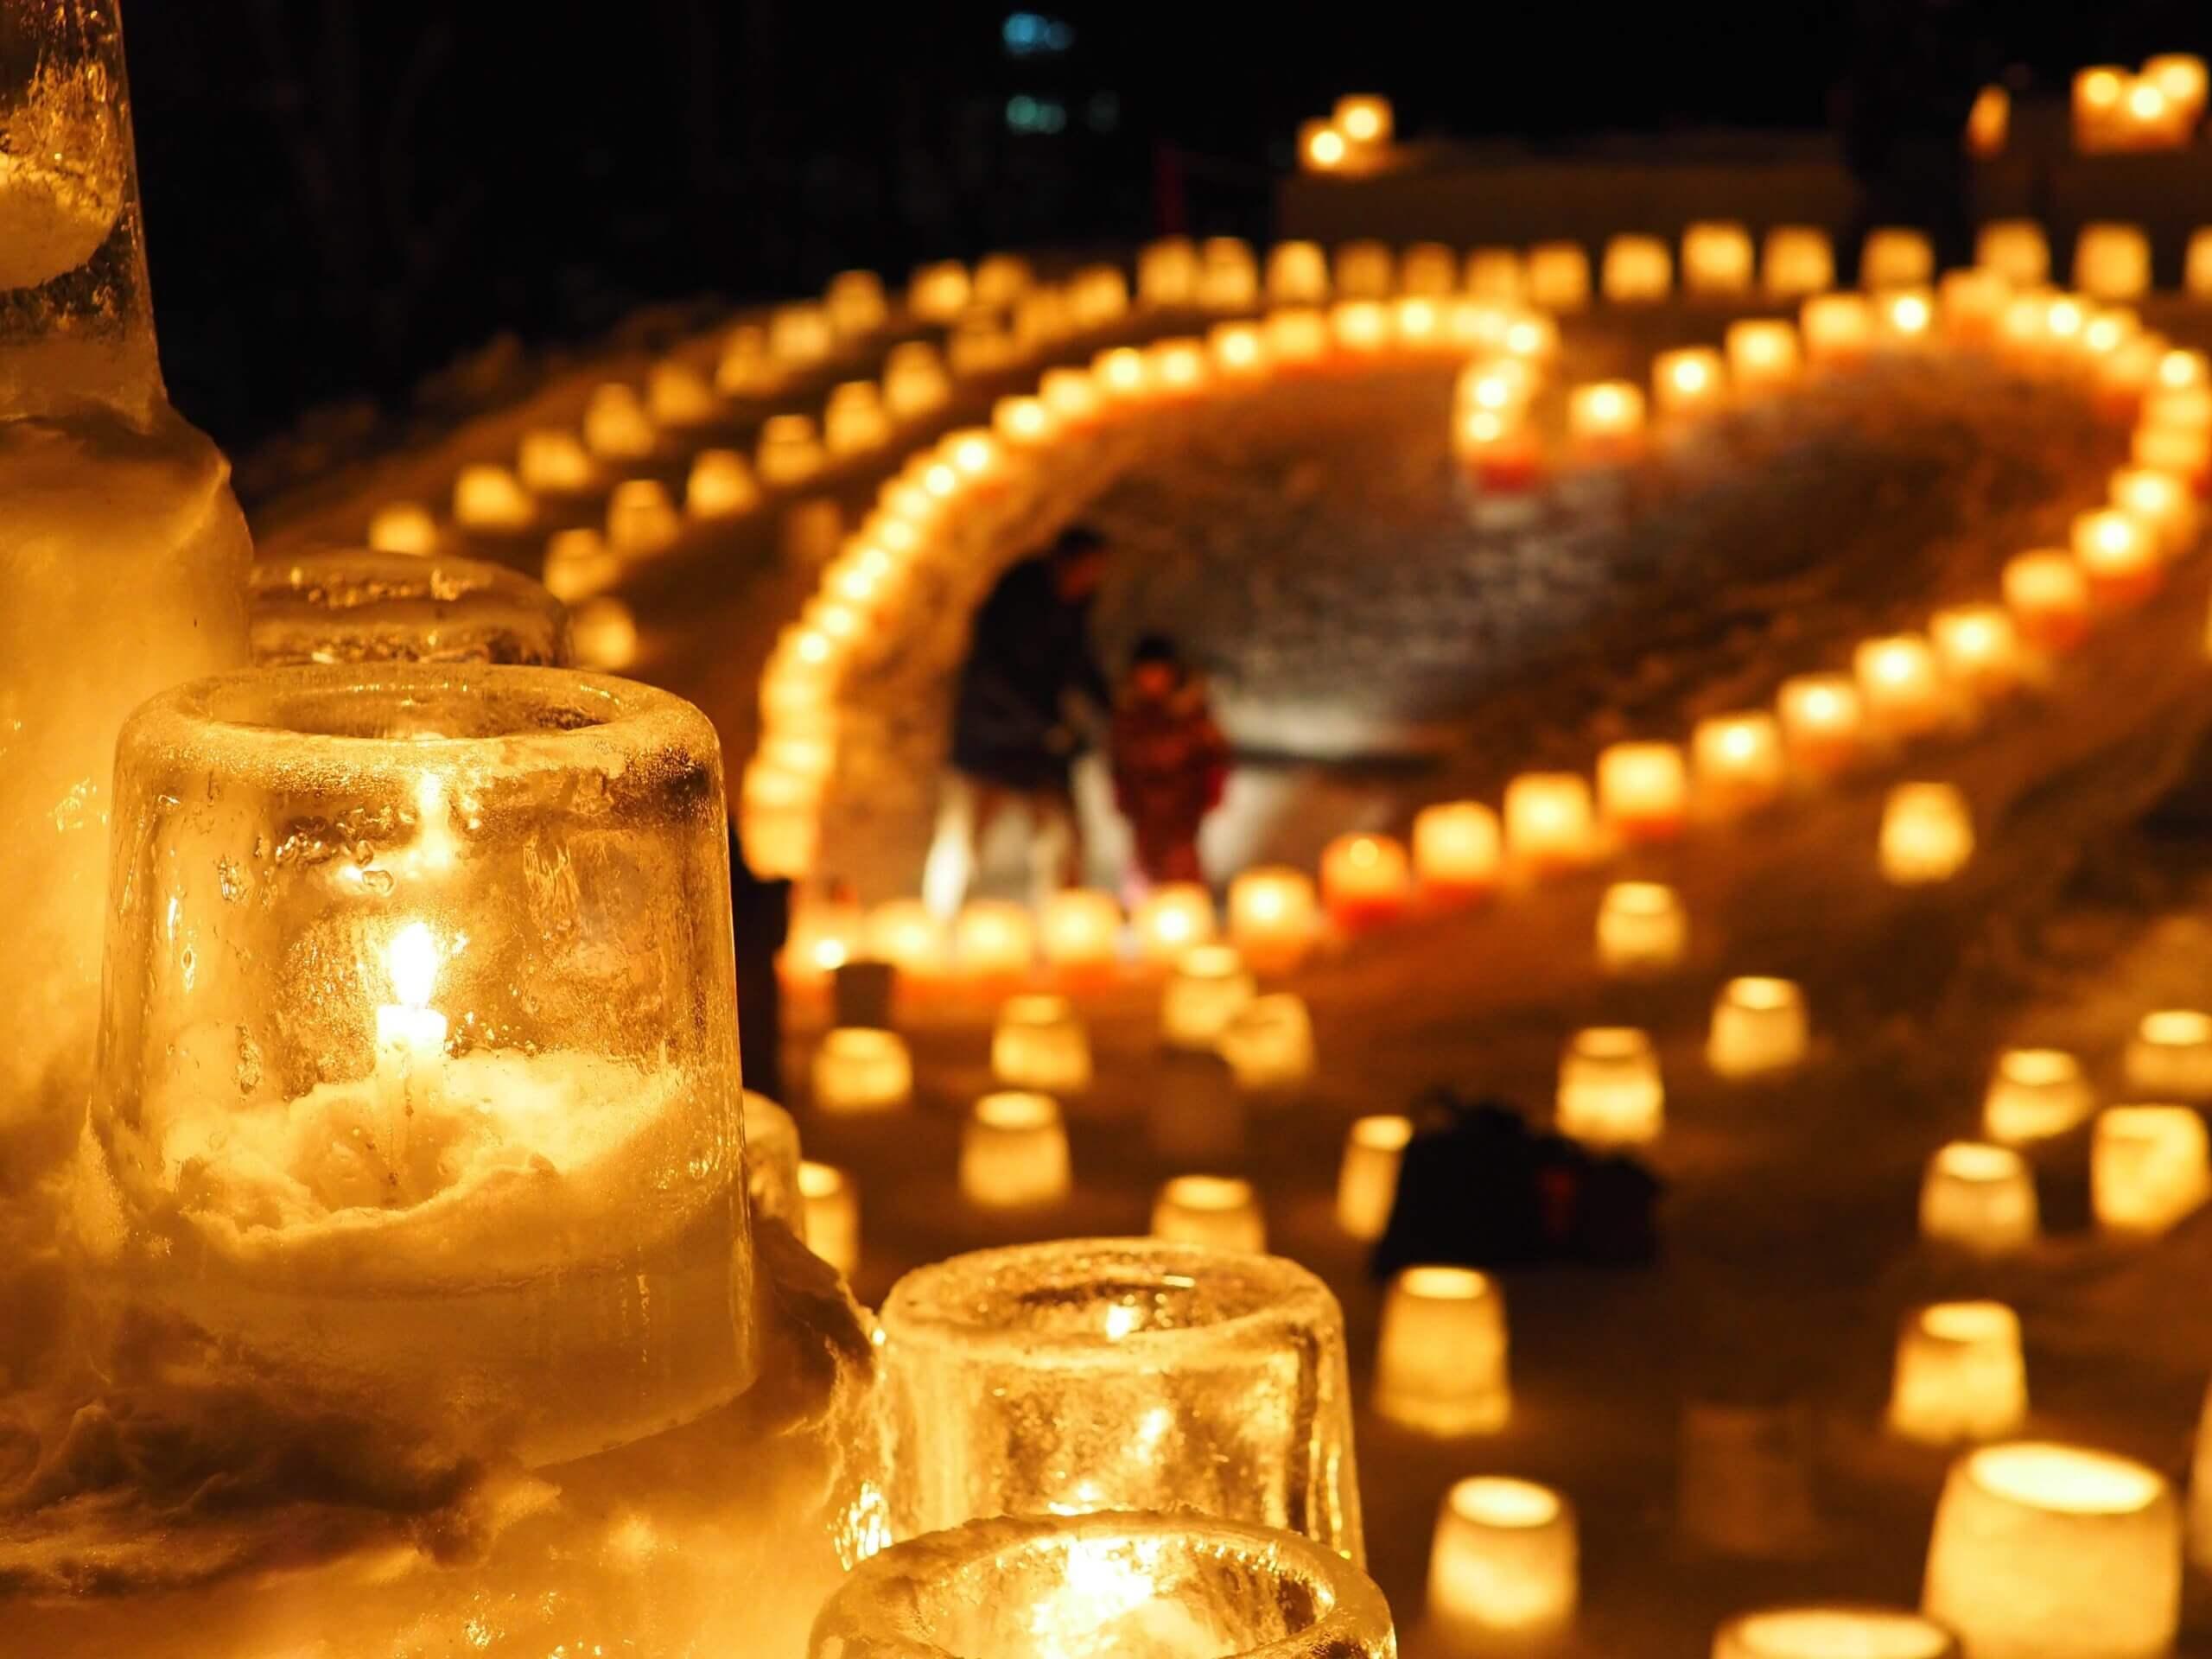 冬季限定浪漫祭典・定山溪溫泉「雪燈路(雪蠟燭之路)」